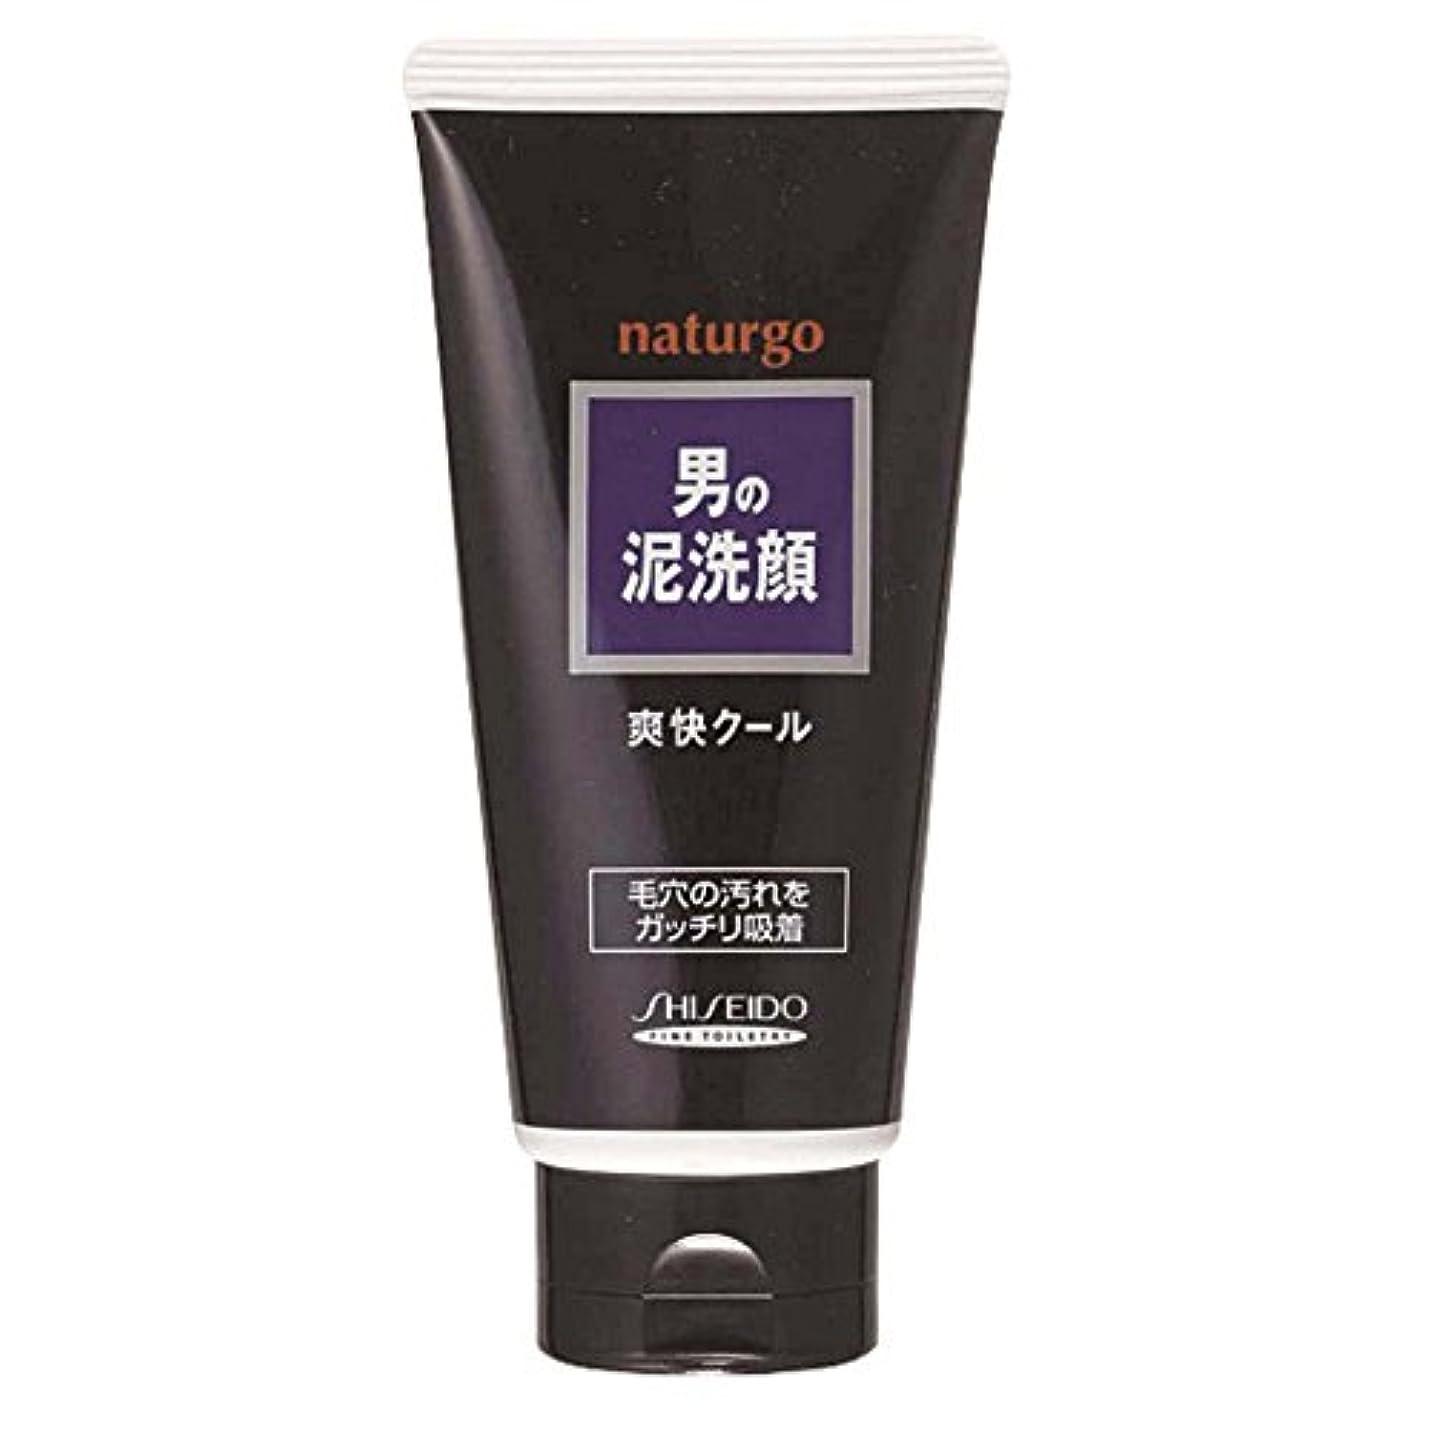 ビデオ盆アッティカスナチュルゴ メンズクレイ洗顔フォーム黒 130g